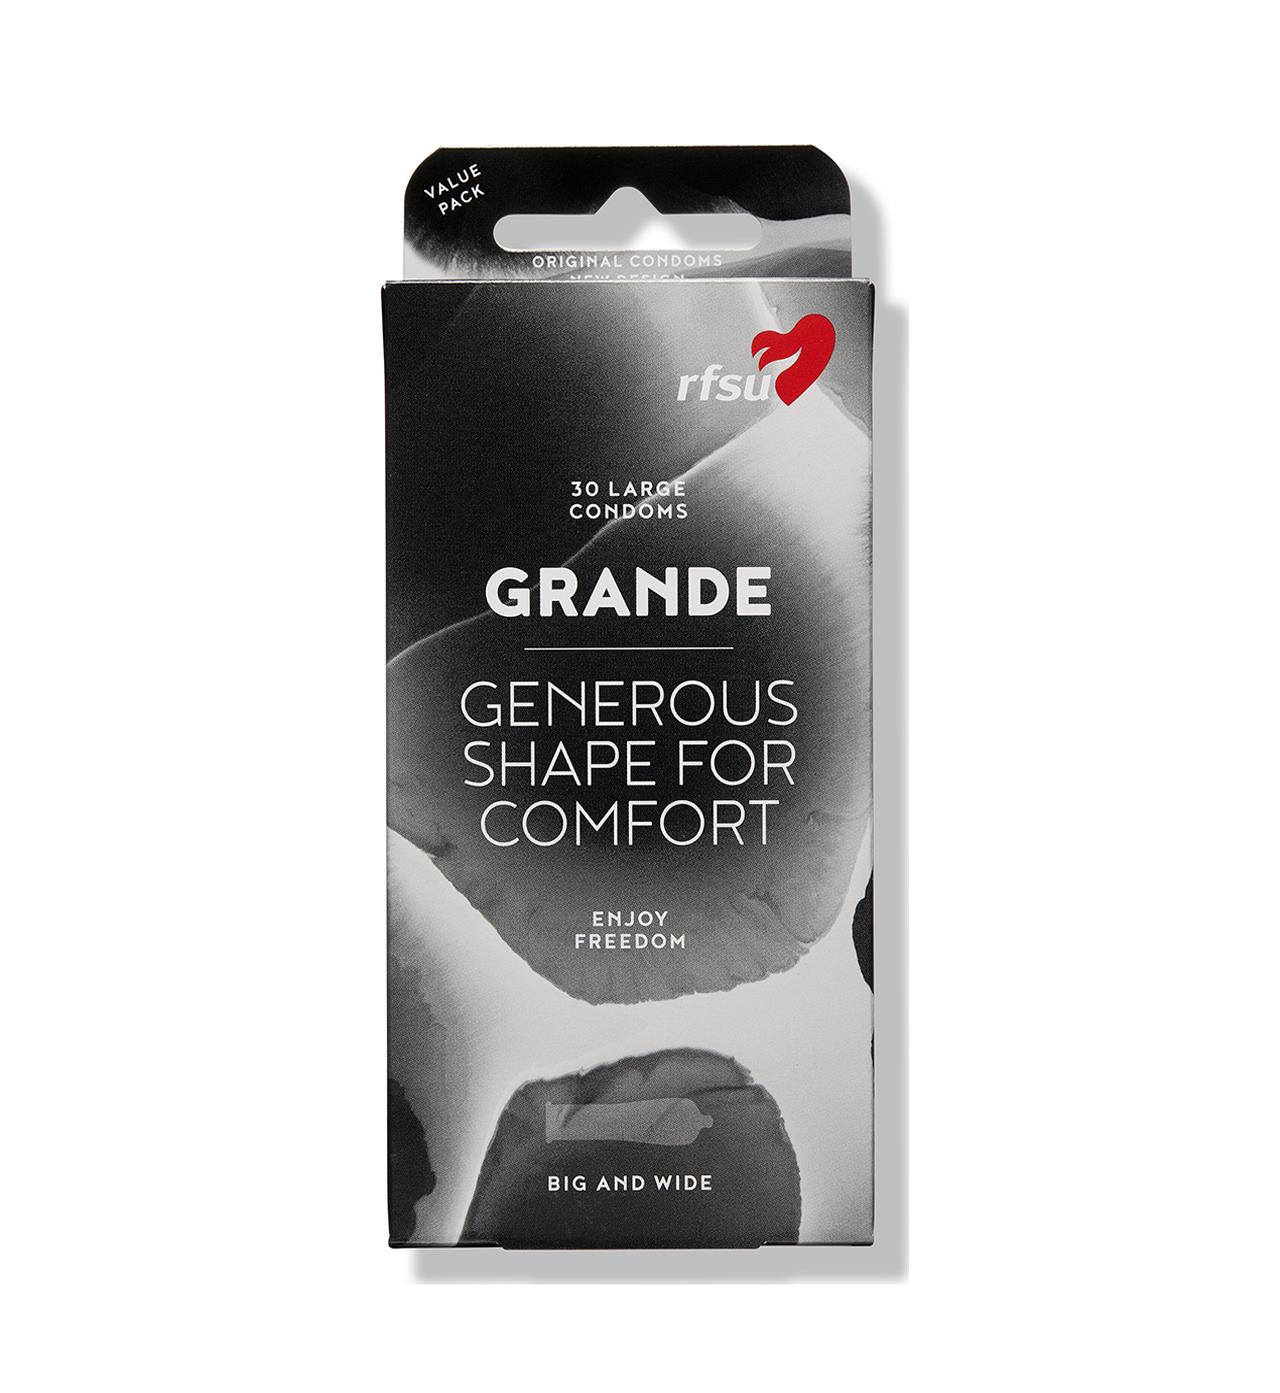 rfsu grande kondomer 30 pack